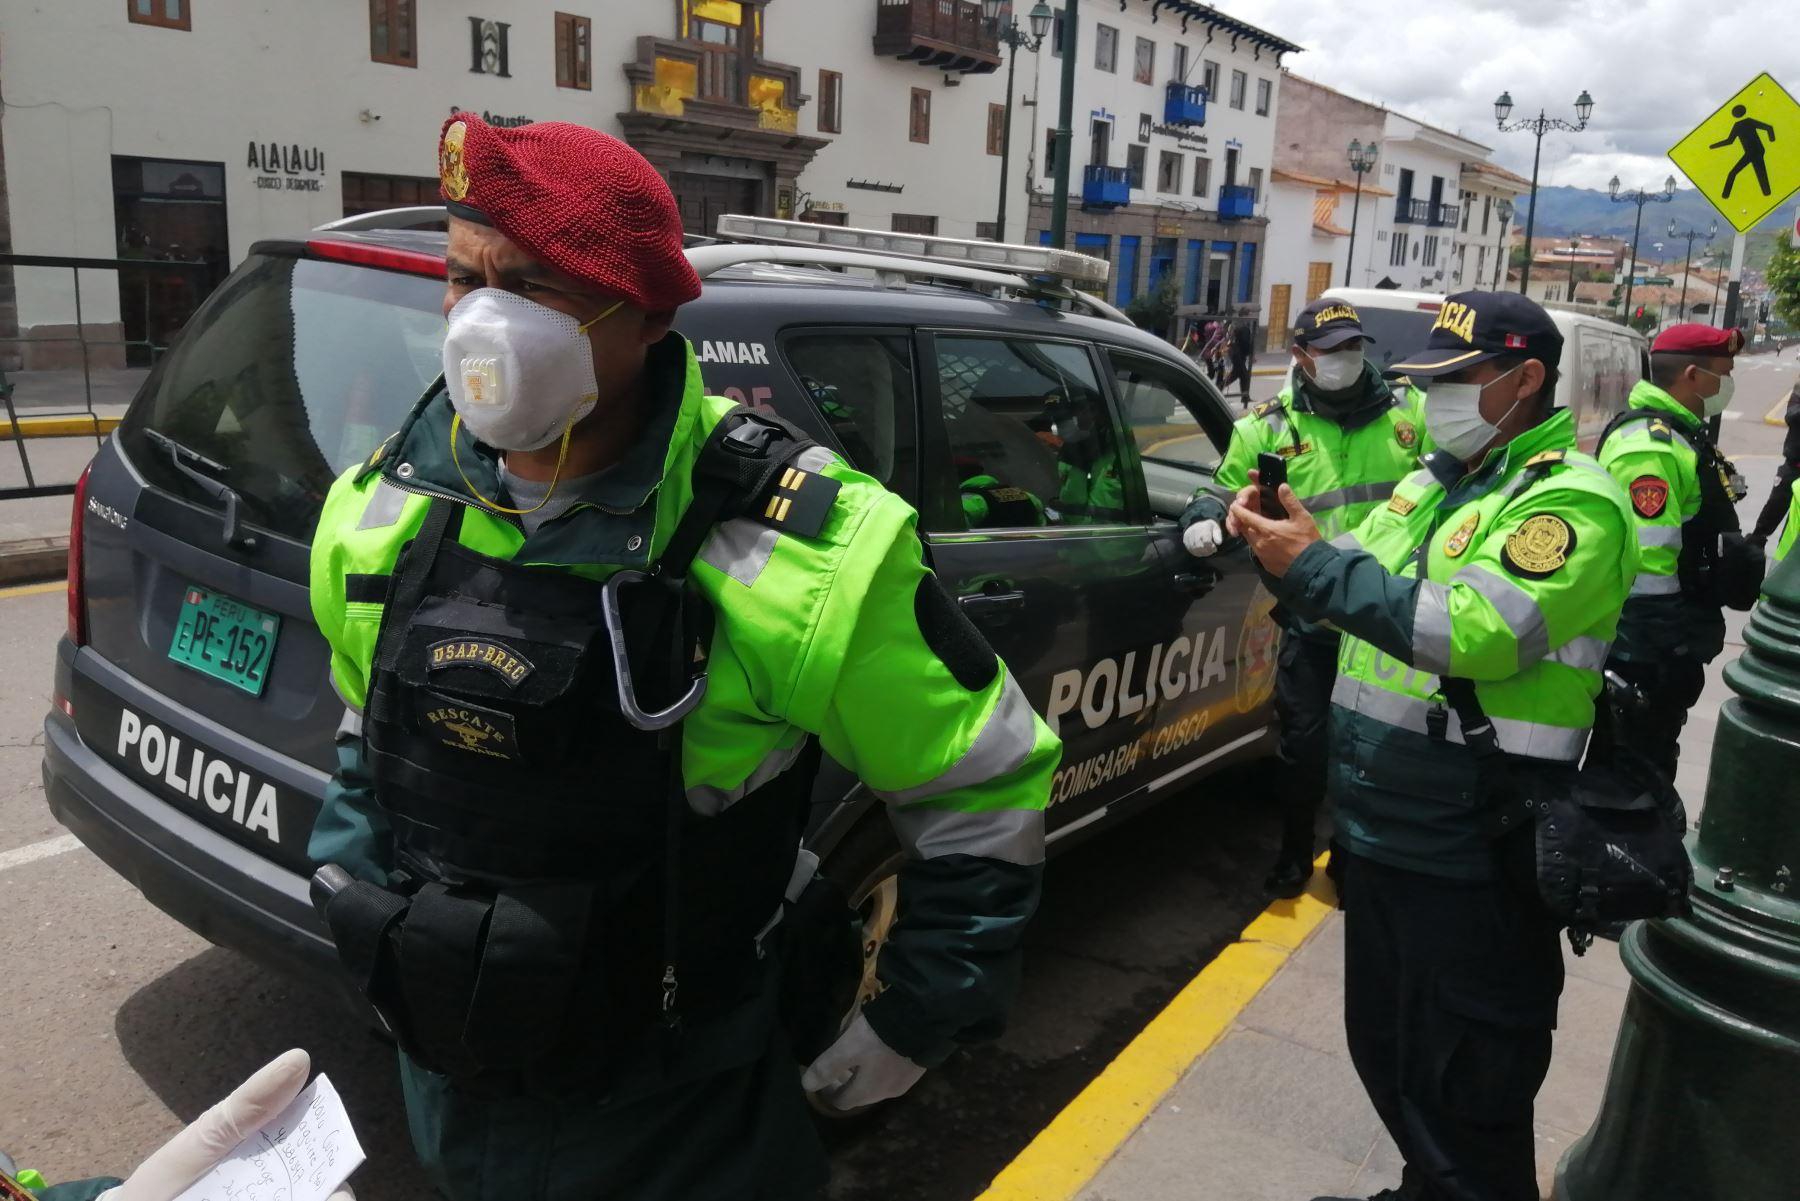 Más de 1,000 agentes policiales garantizarán la seguridad durante la escenificación del Inti Raymi en Cusco. ANDINA/Difusión